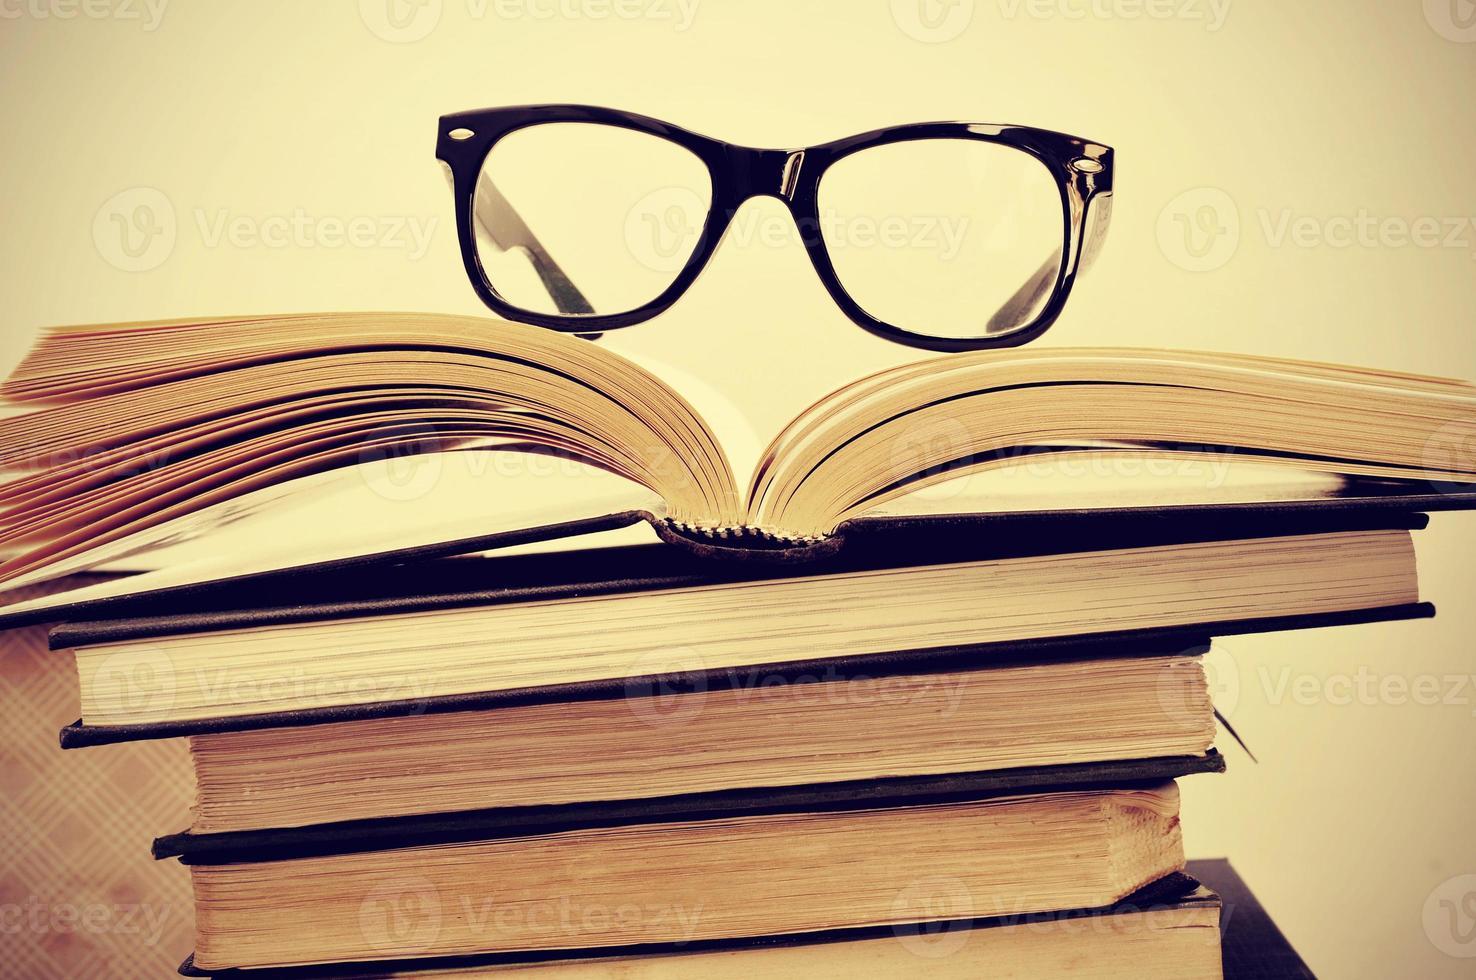 libri e occhiali foto